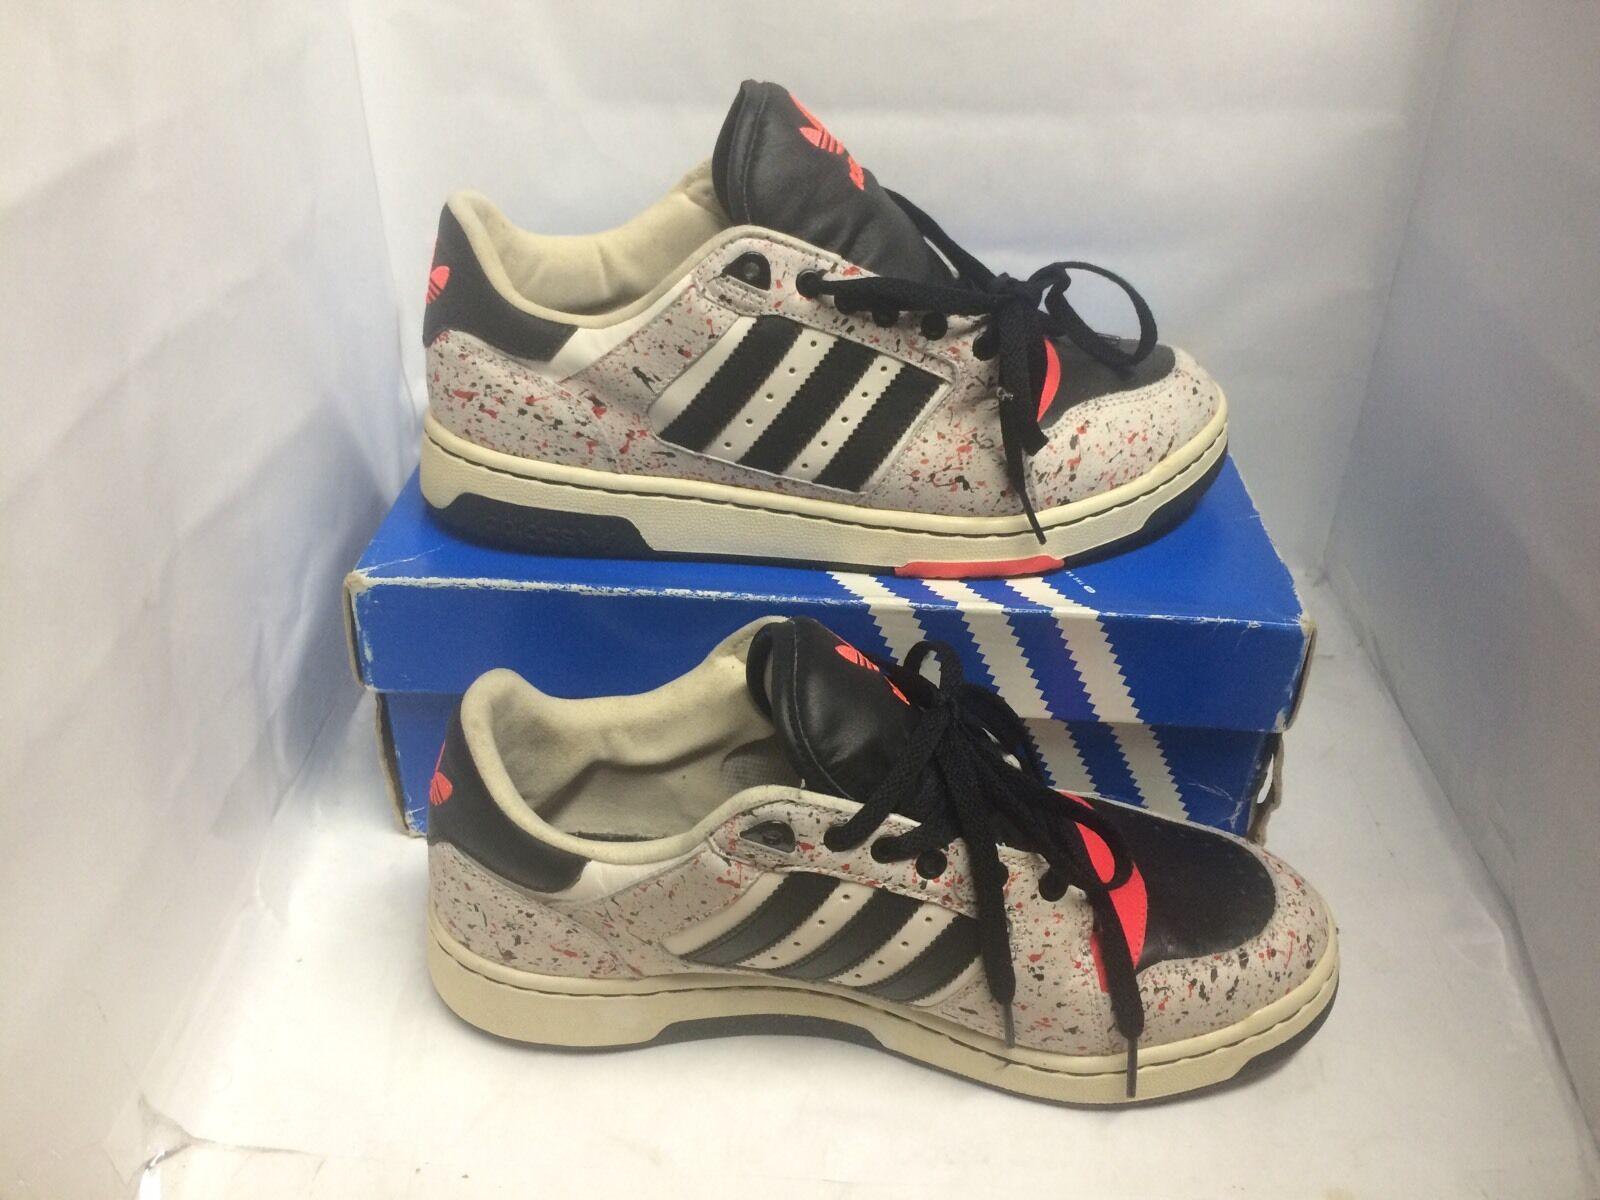 Adidas playmaker usato basso dipingere schizzi infrarossi usato playmaker dimensioni 9.5 supremo c6348a